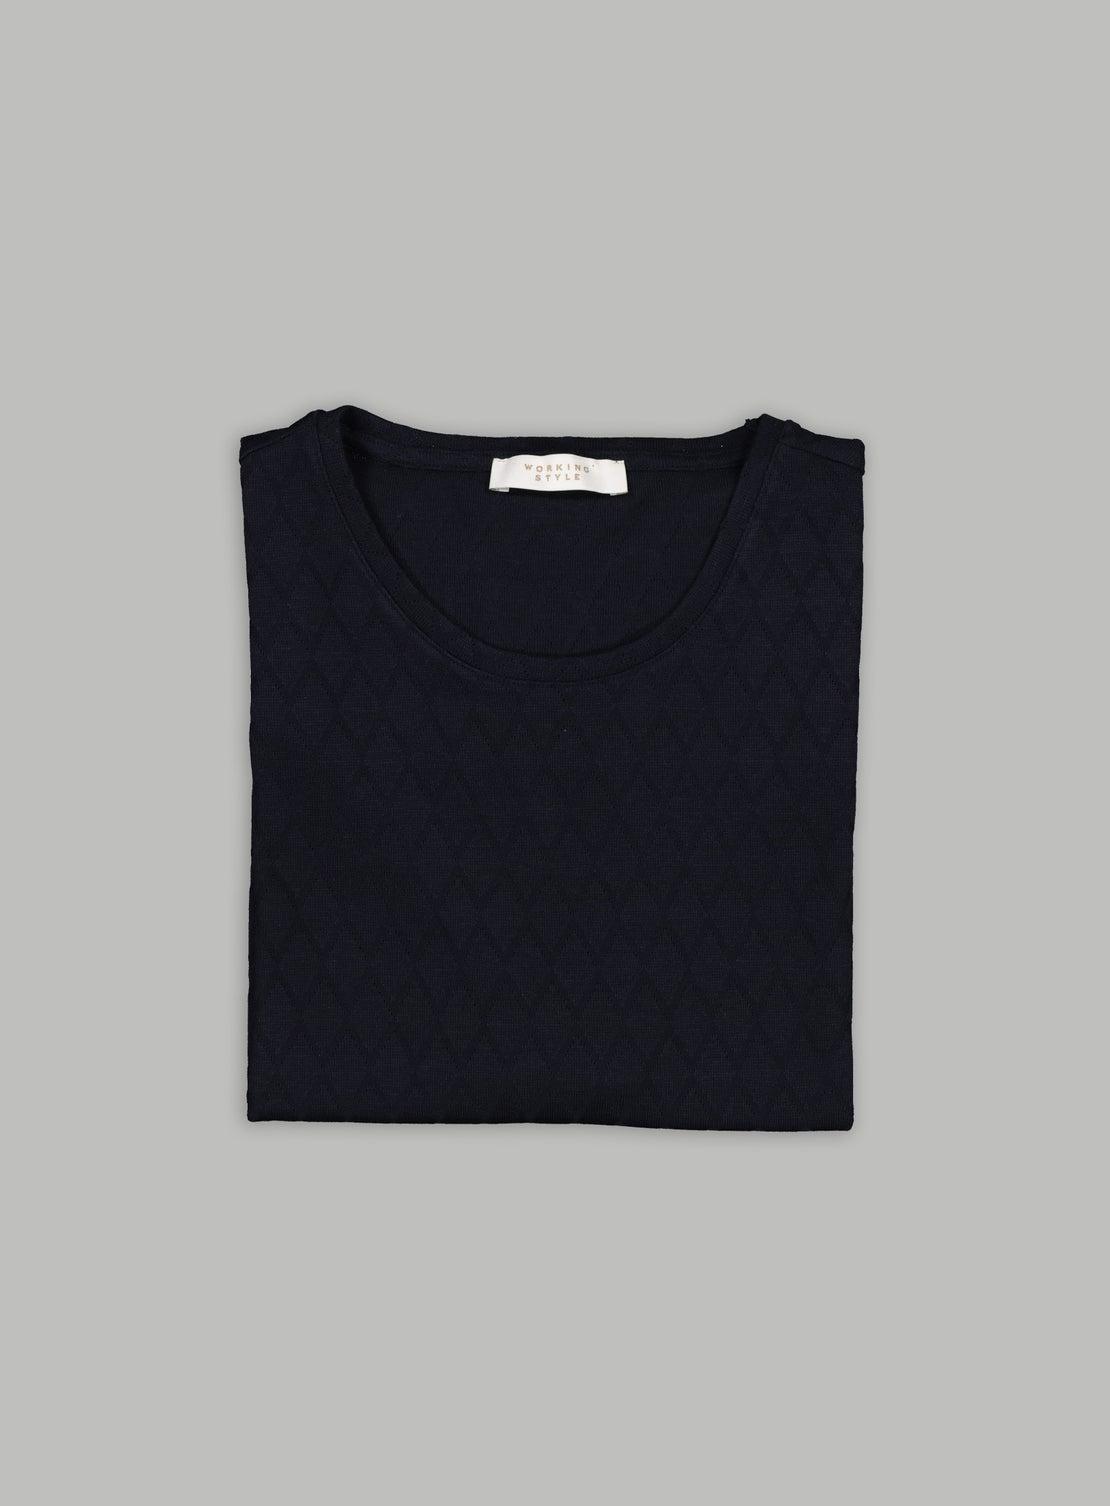 Florian Navy Diamond Knitted T-Shirt